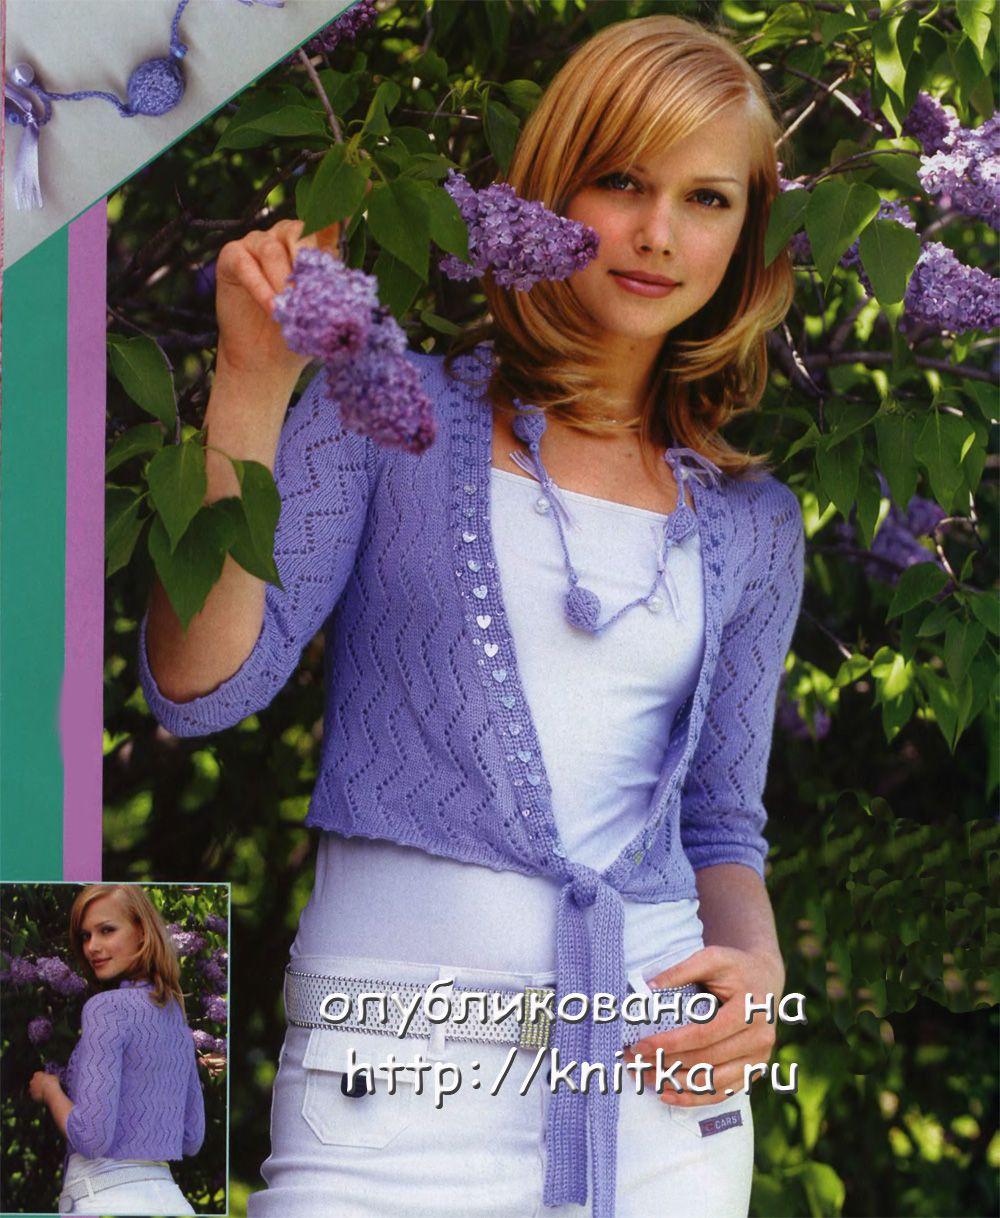 http://knitka.ru/knitting-schemes-pictures/2010/04/bolero1.jpg